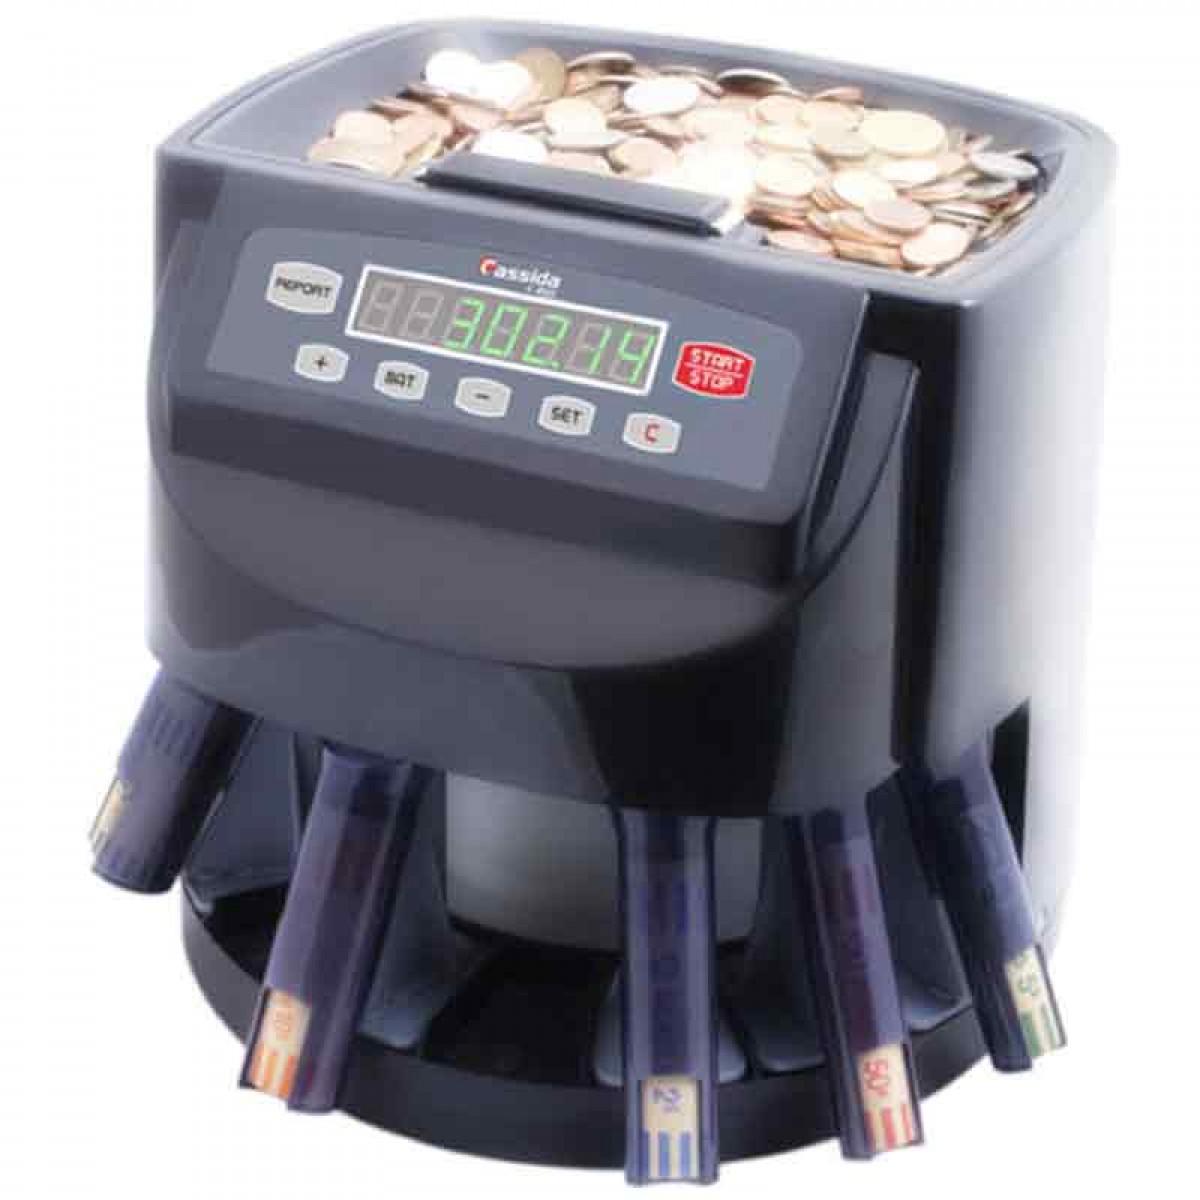 cassida coin counter